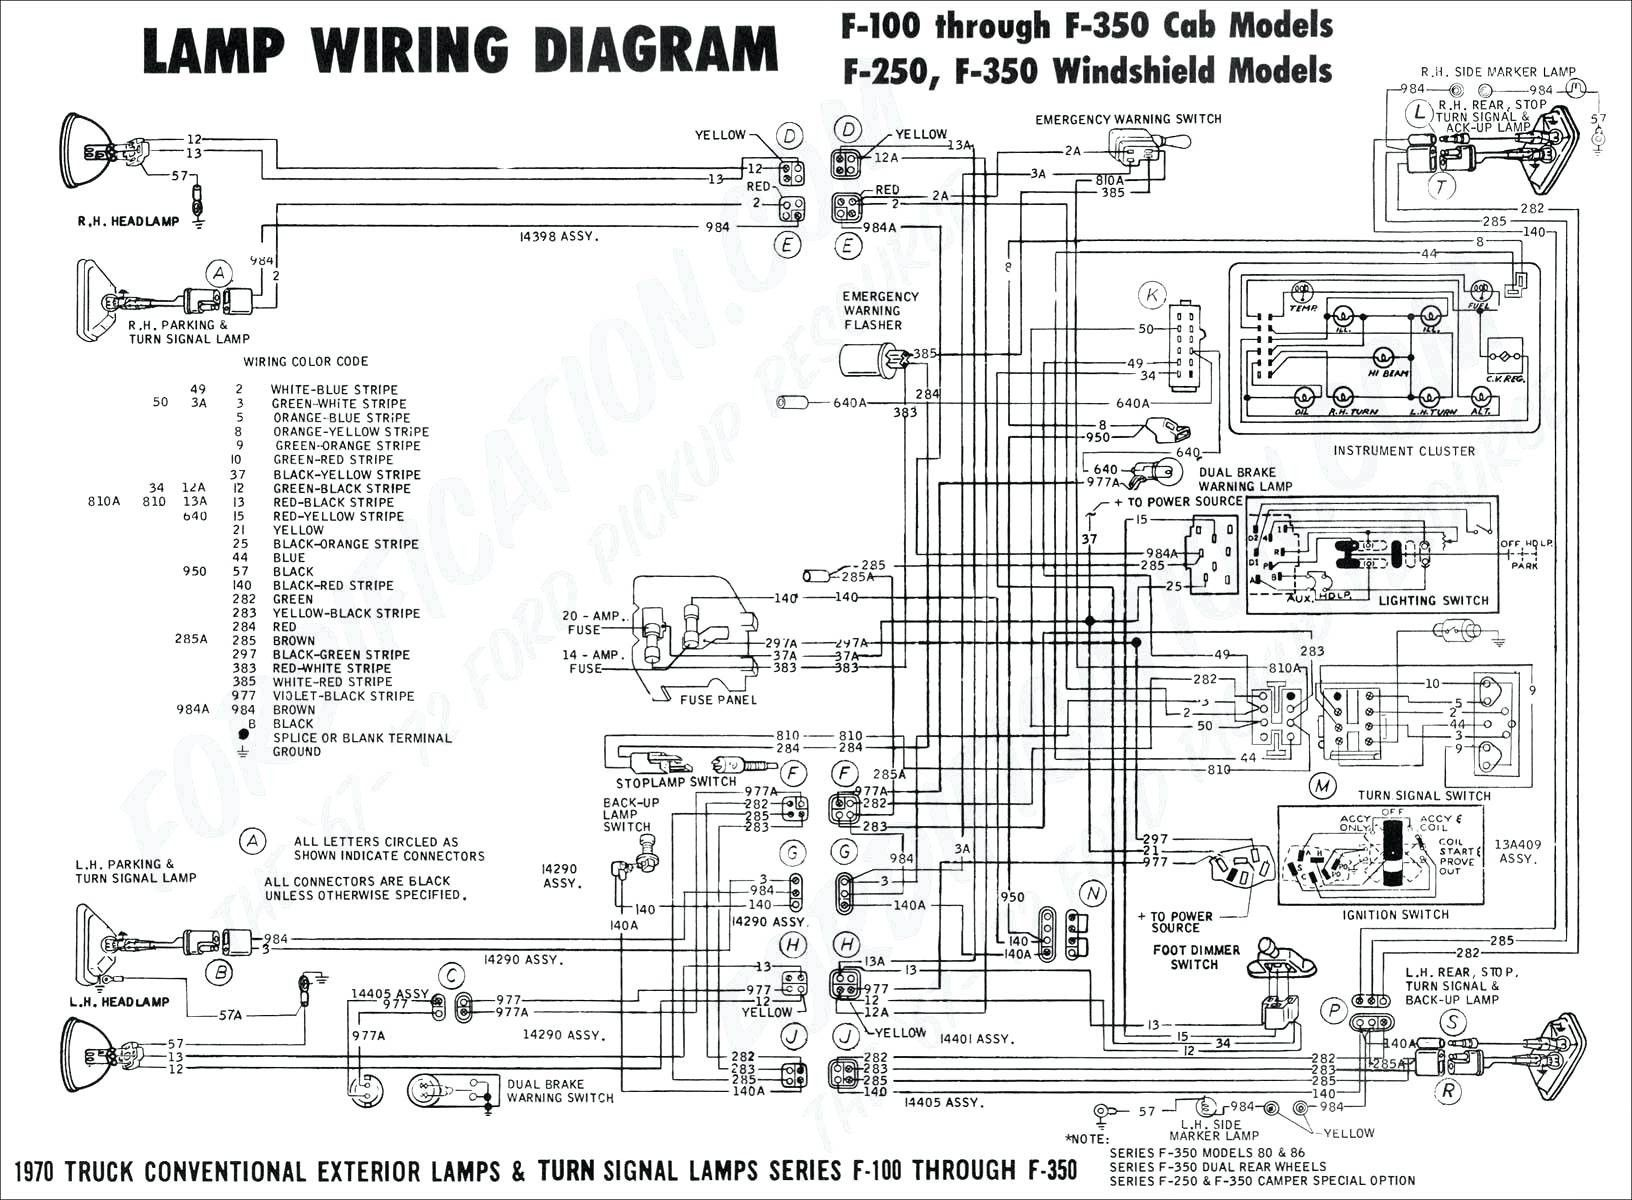 Pt Cruiser Wiring Diagram Best Of In 2020 Trailer Wiring Diagram Electrical Wiring Diagram Diagram